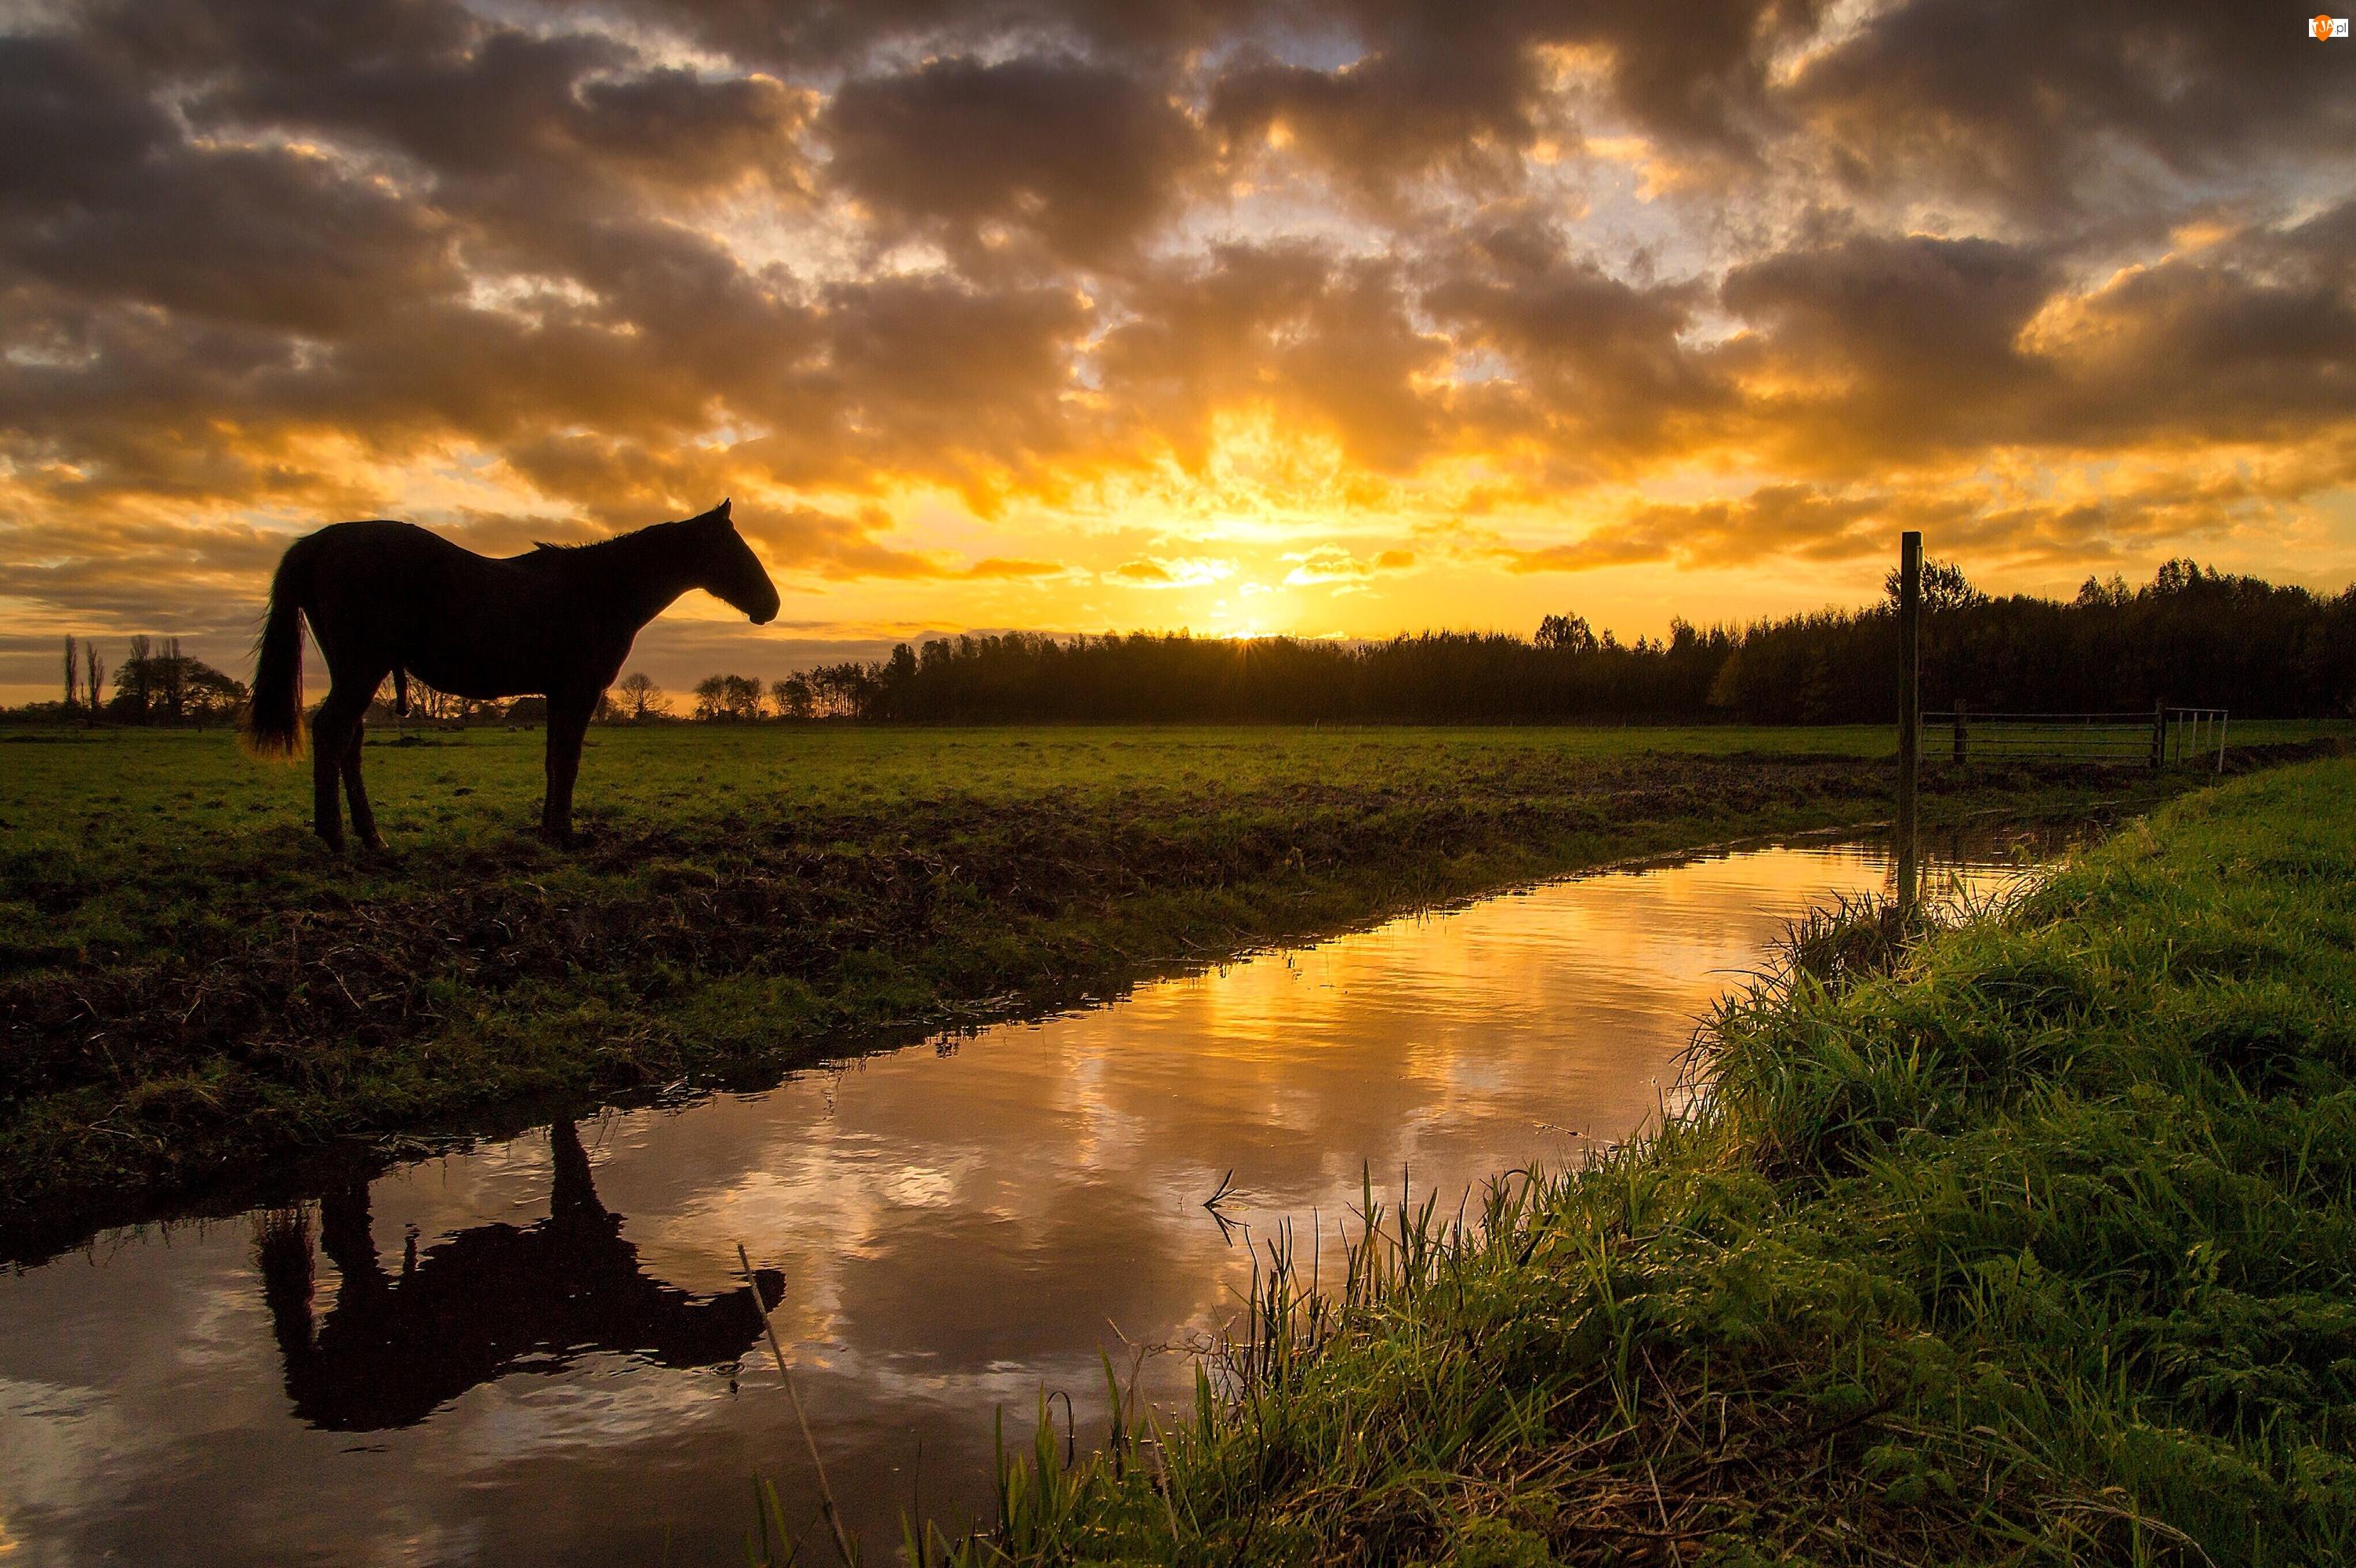 Rzeka, Koń, Zachód słońca, Łąka